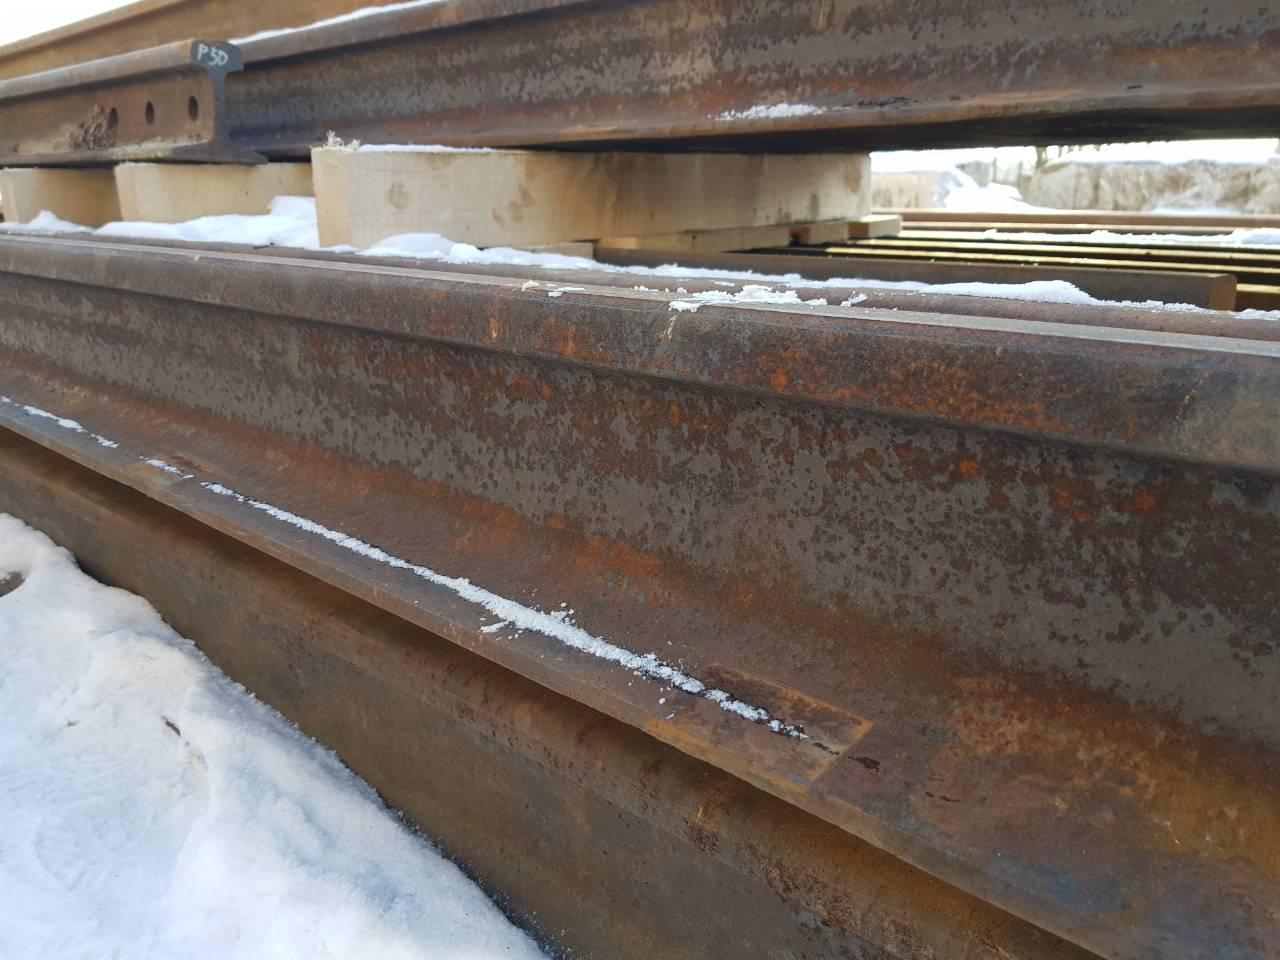 Рельсы Р 65 12,5 метров минимальный износ, подкладки и любые всп от 28500 руб